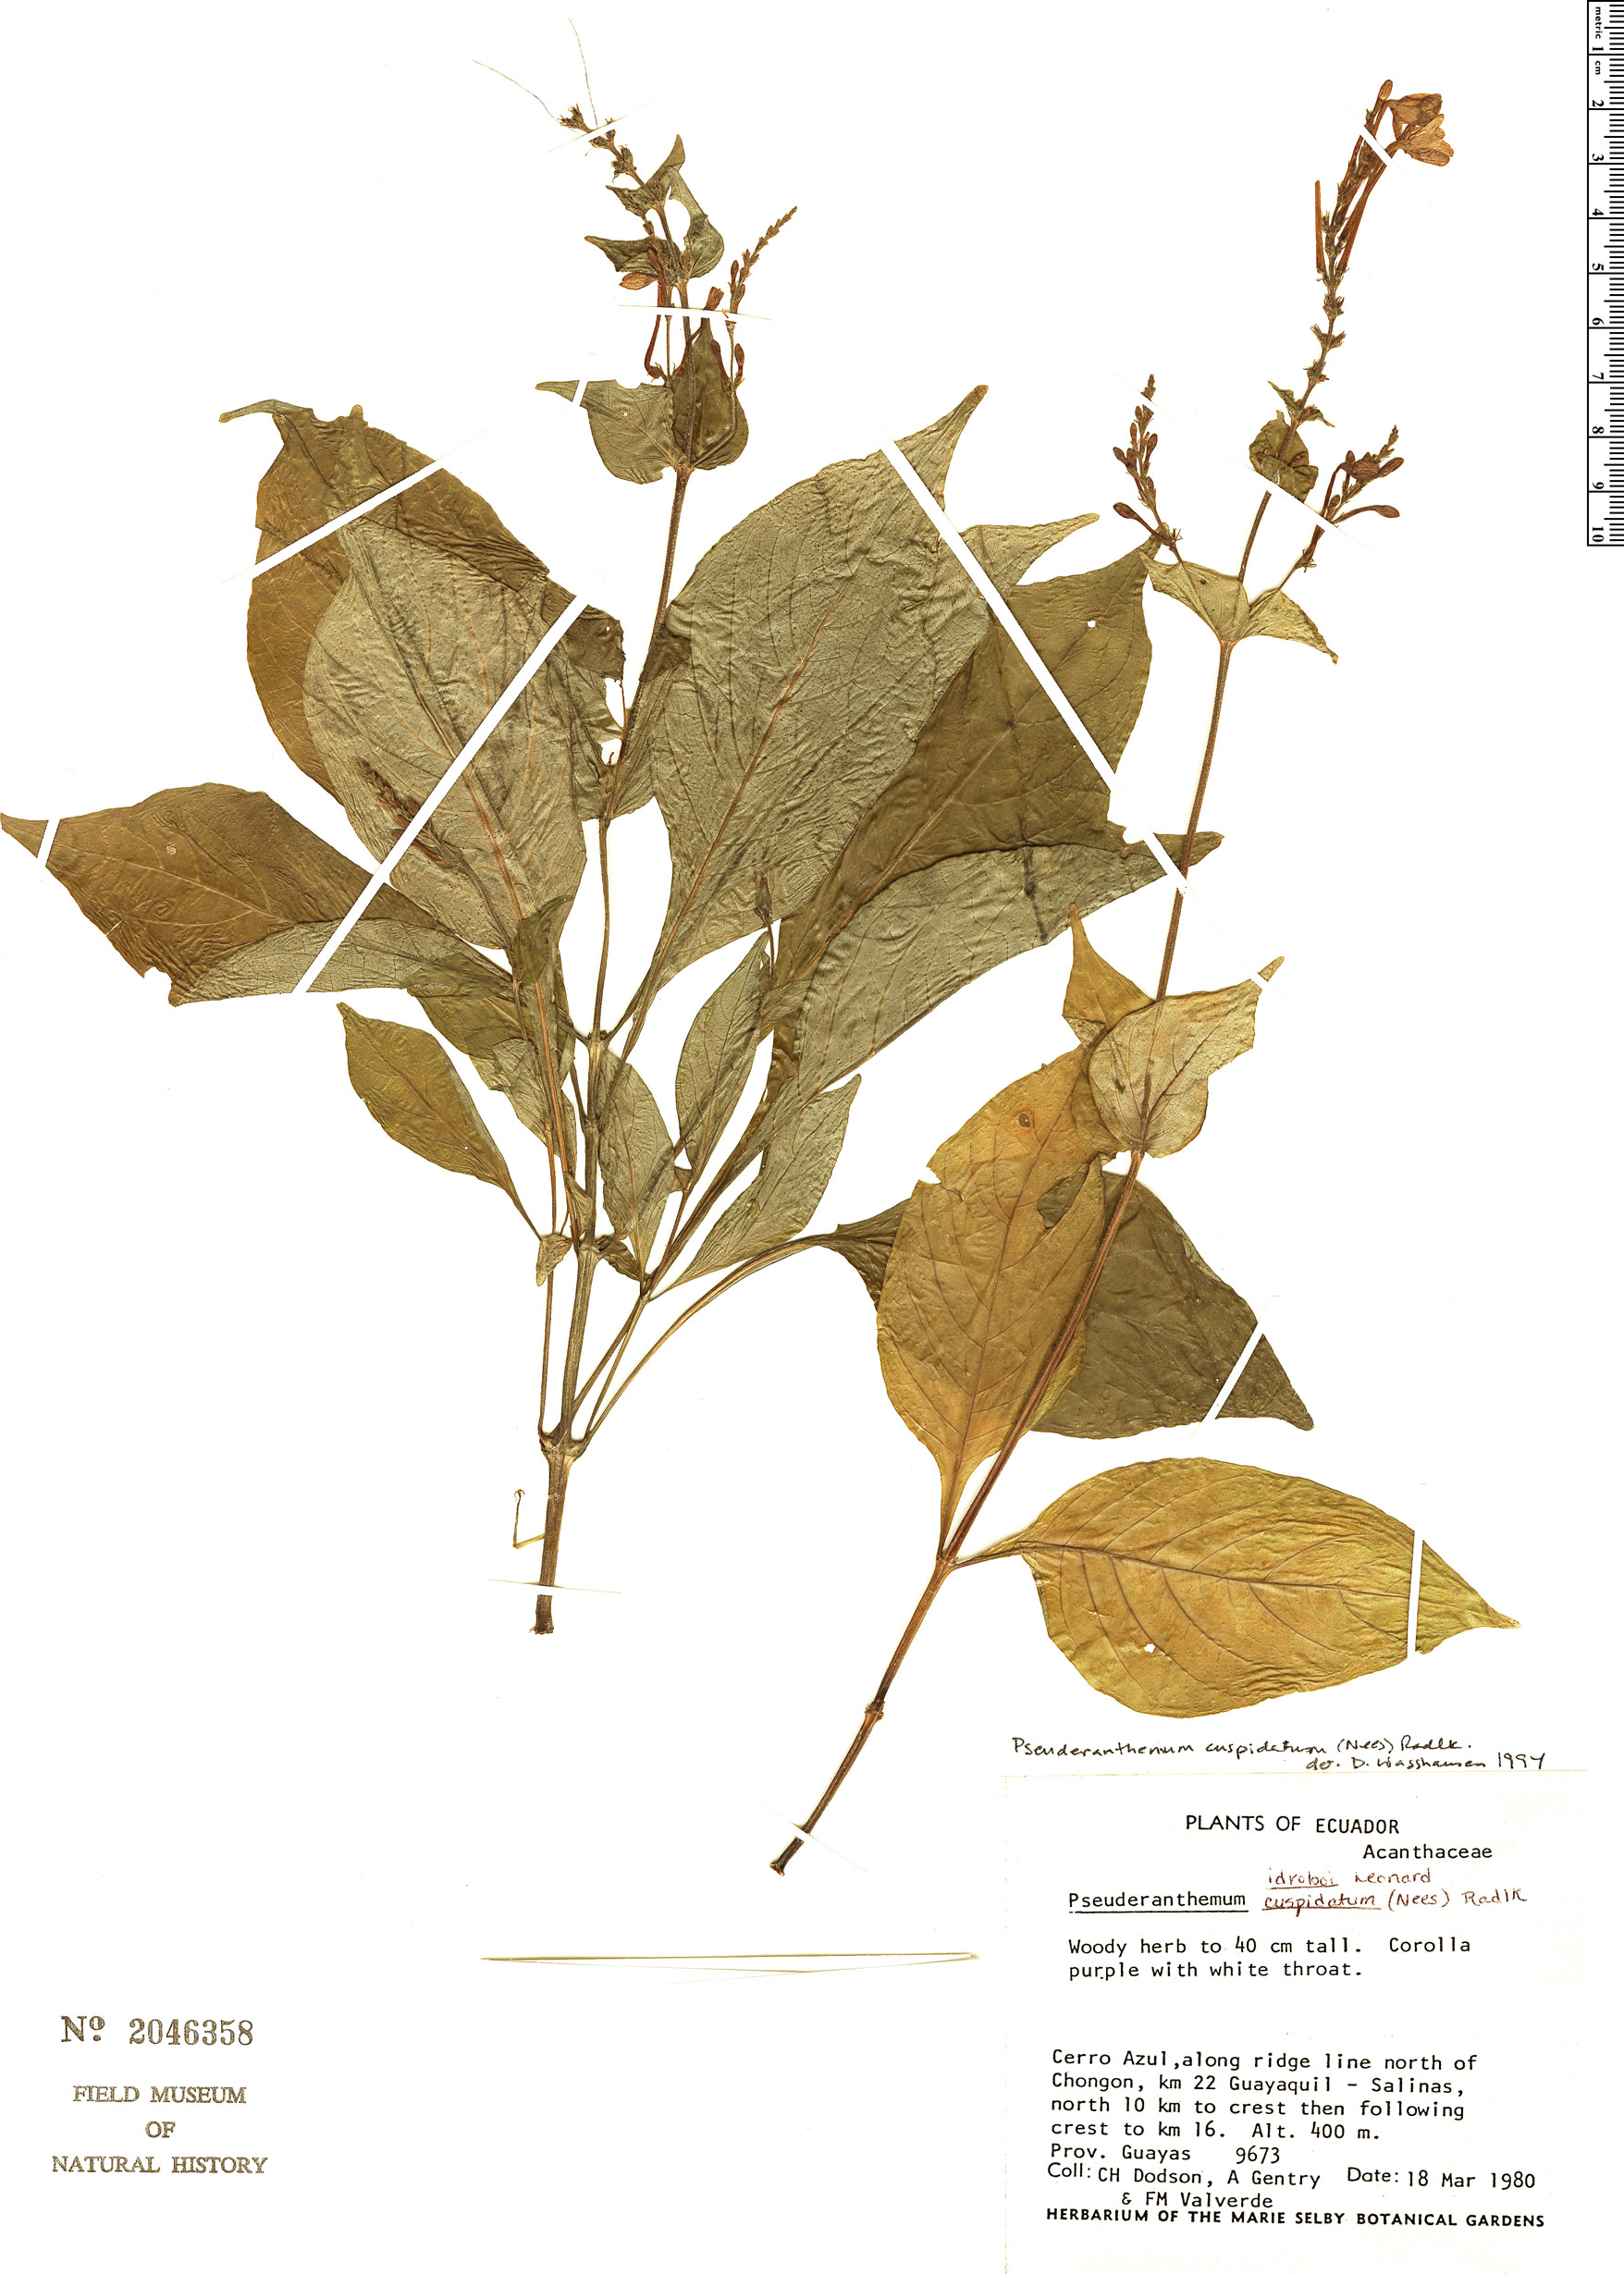 Specimen: Pseuderanthemum cuspidatum